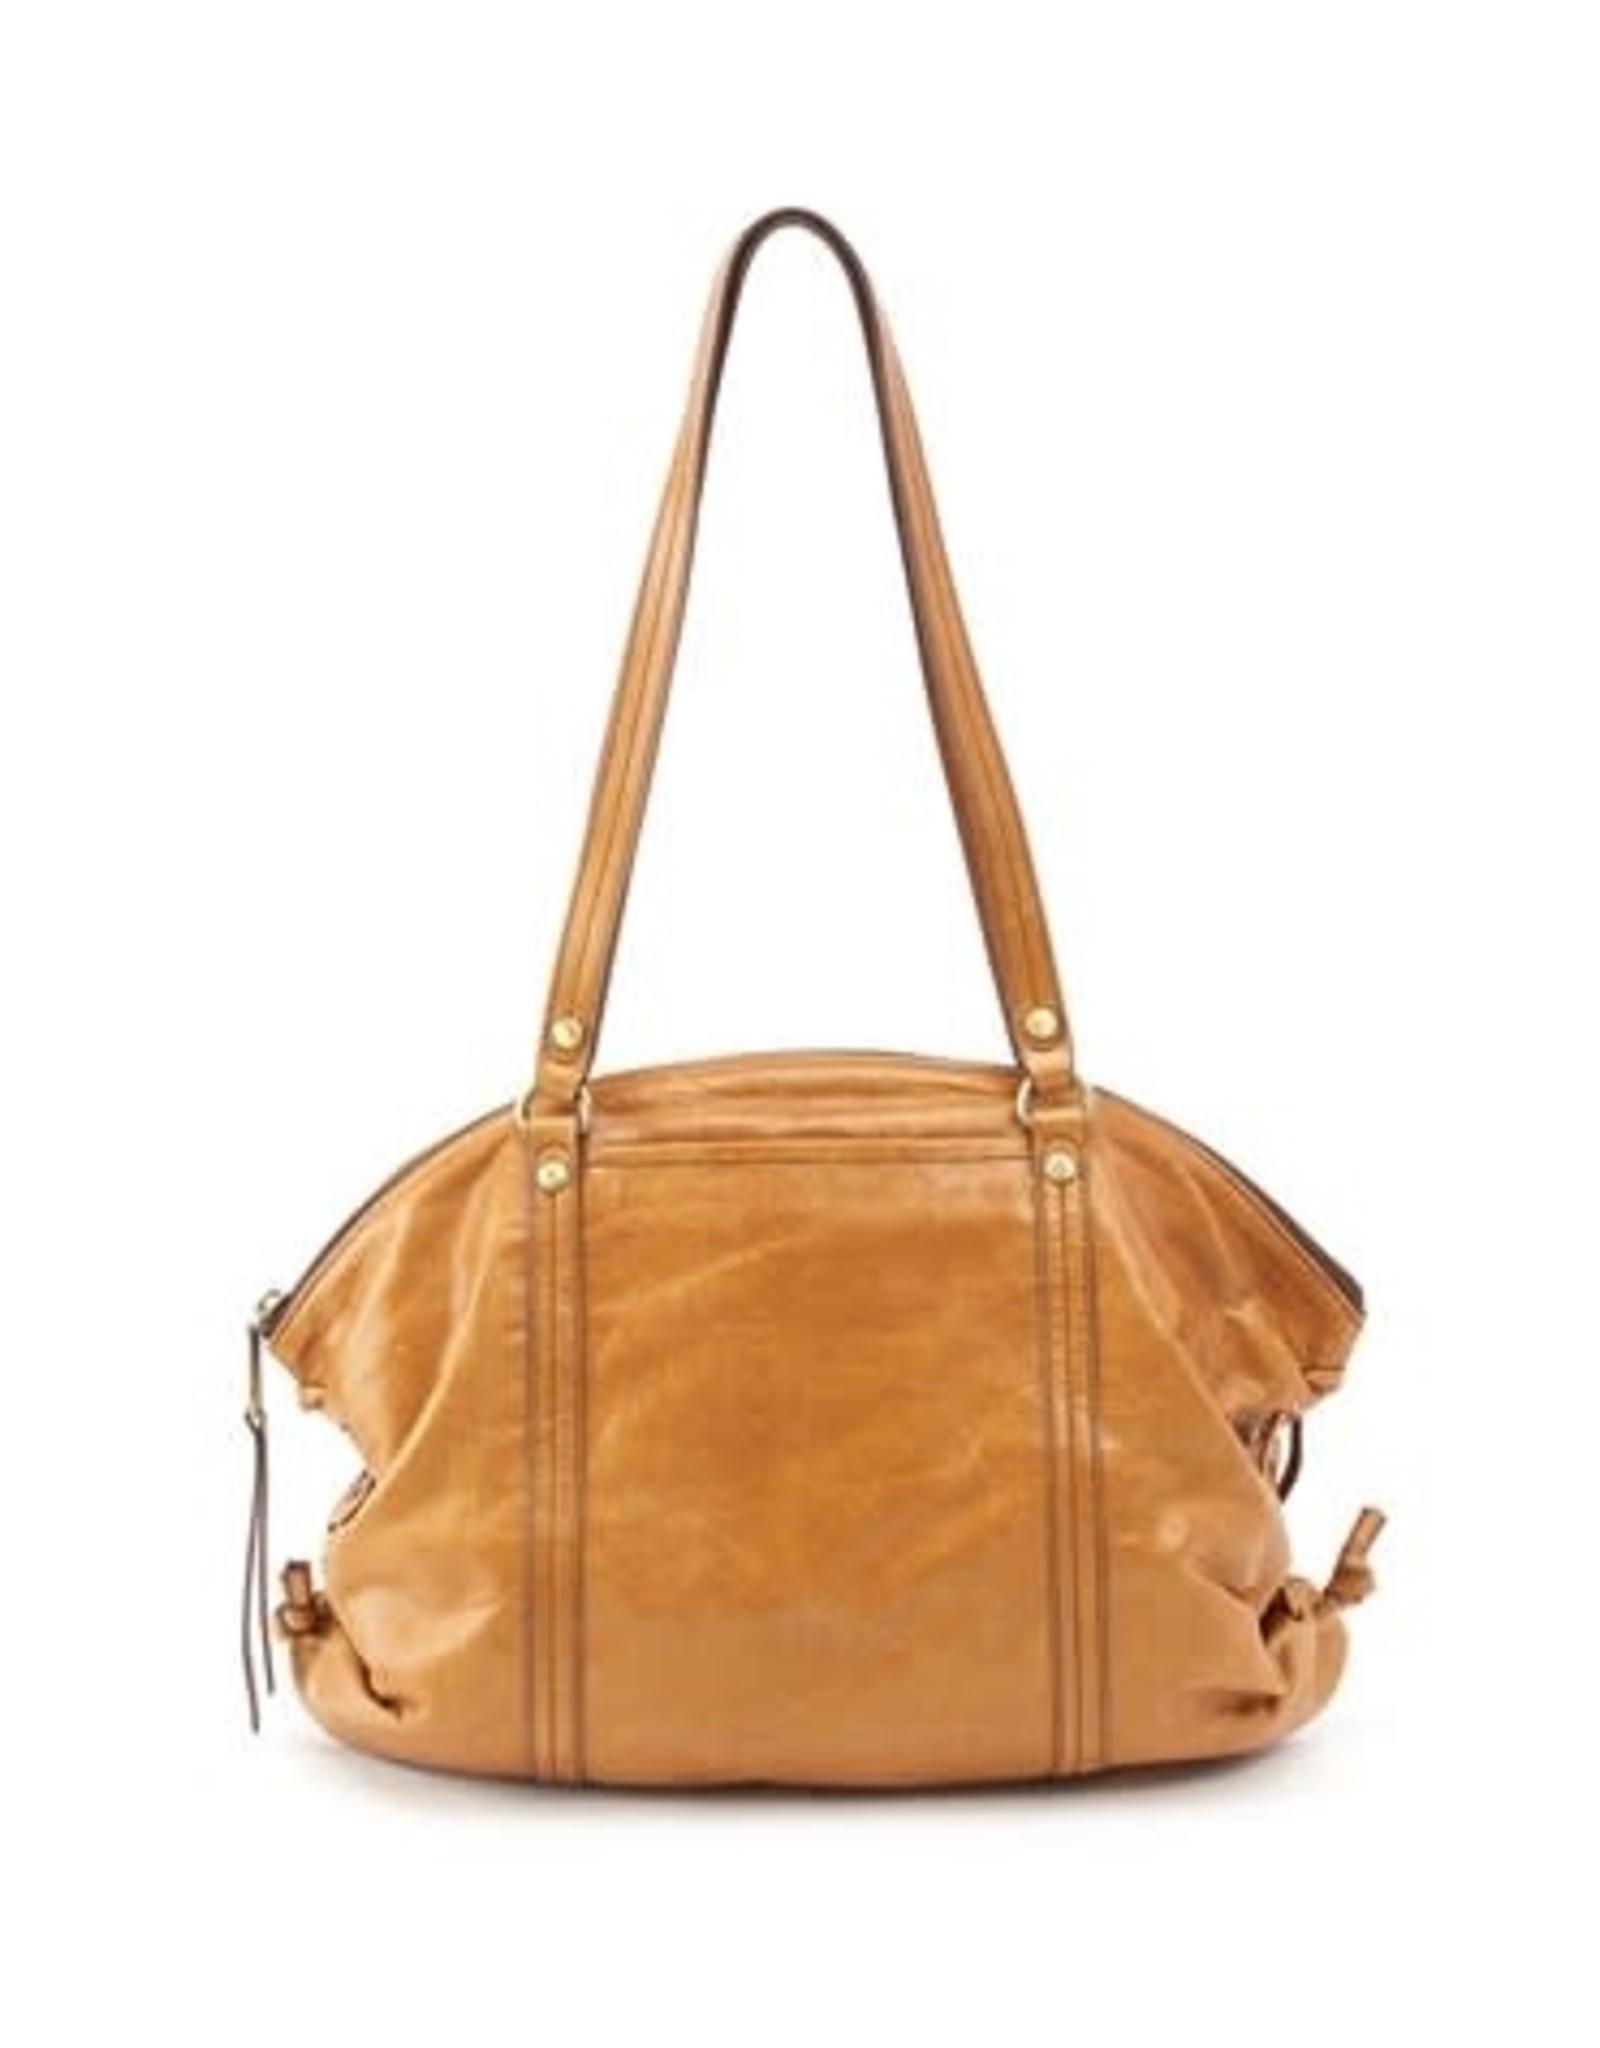 HOBO HOBO Flourish Shoulder Bag